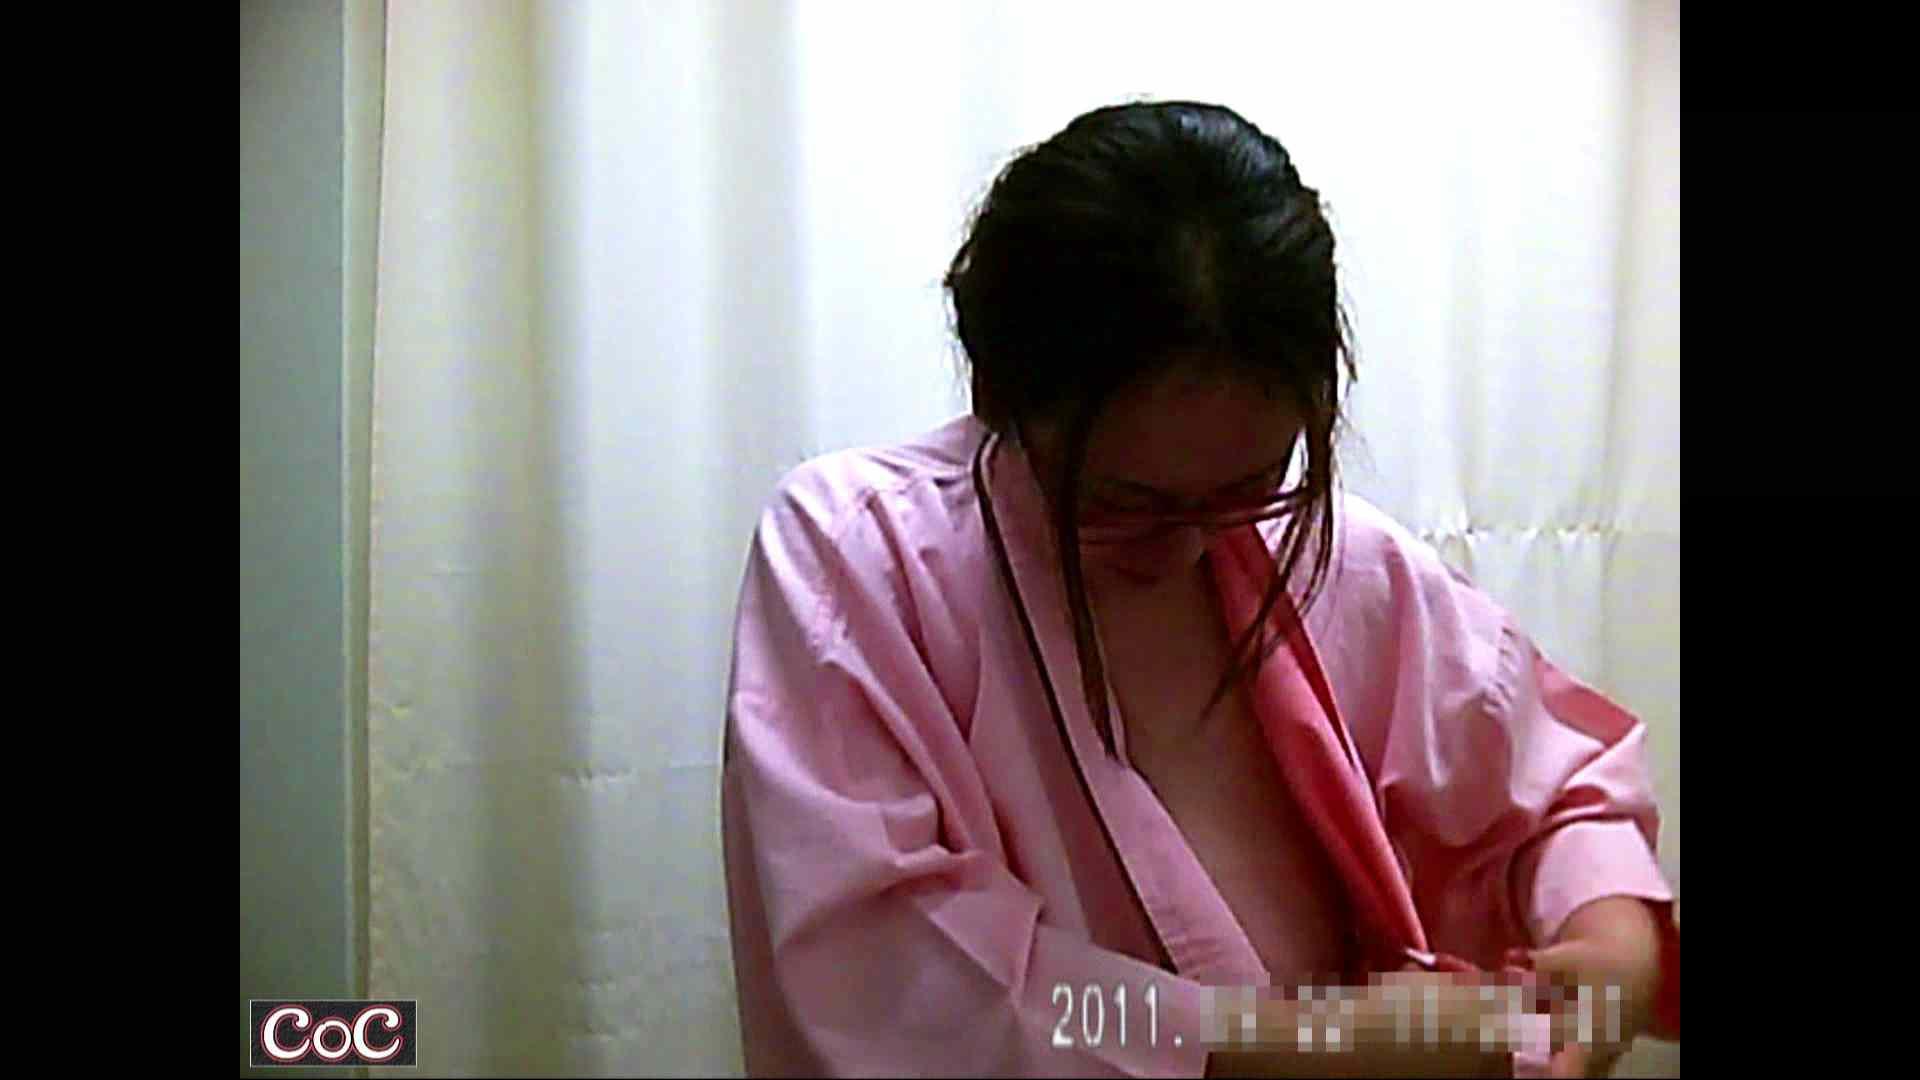 病院おもいっきり着替え! vol.33 貧乳 オメコ動画キャプチャ 89画像 13